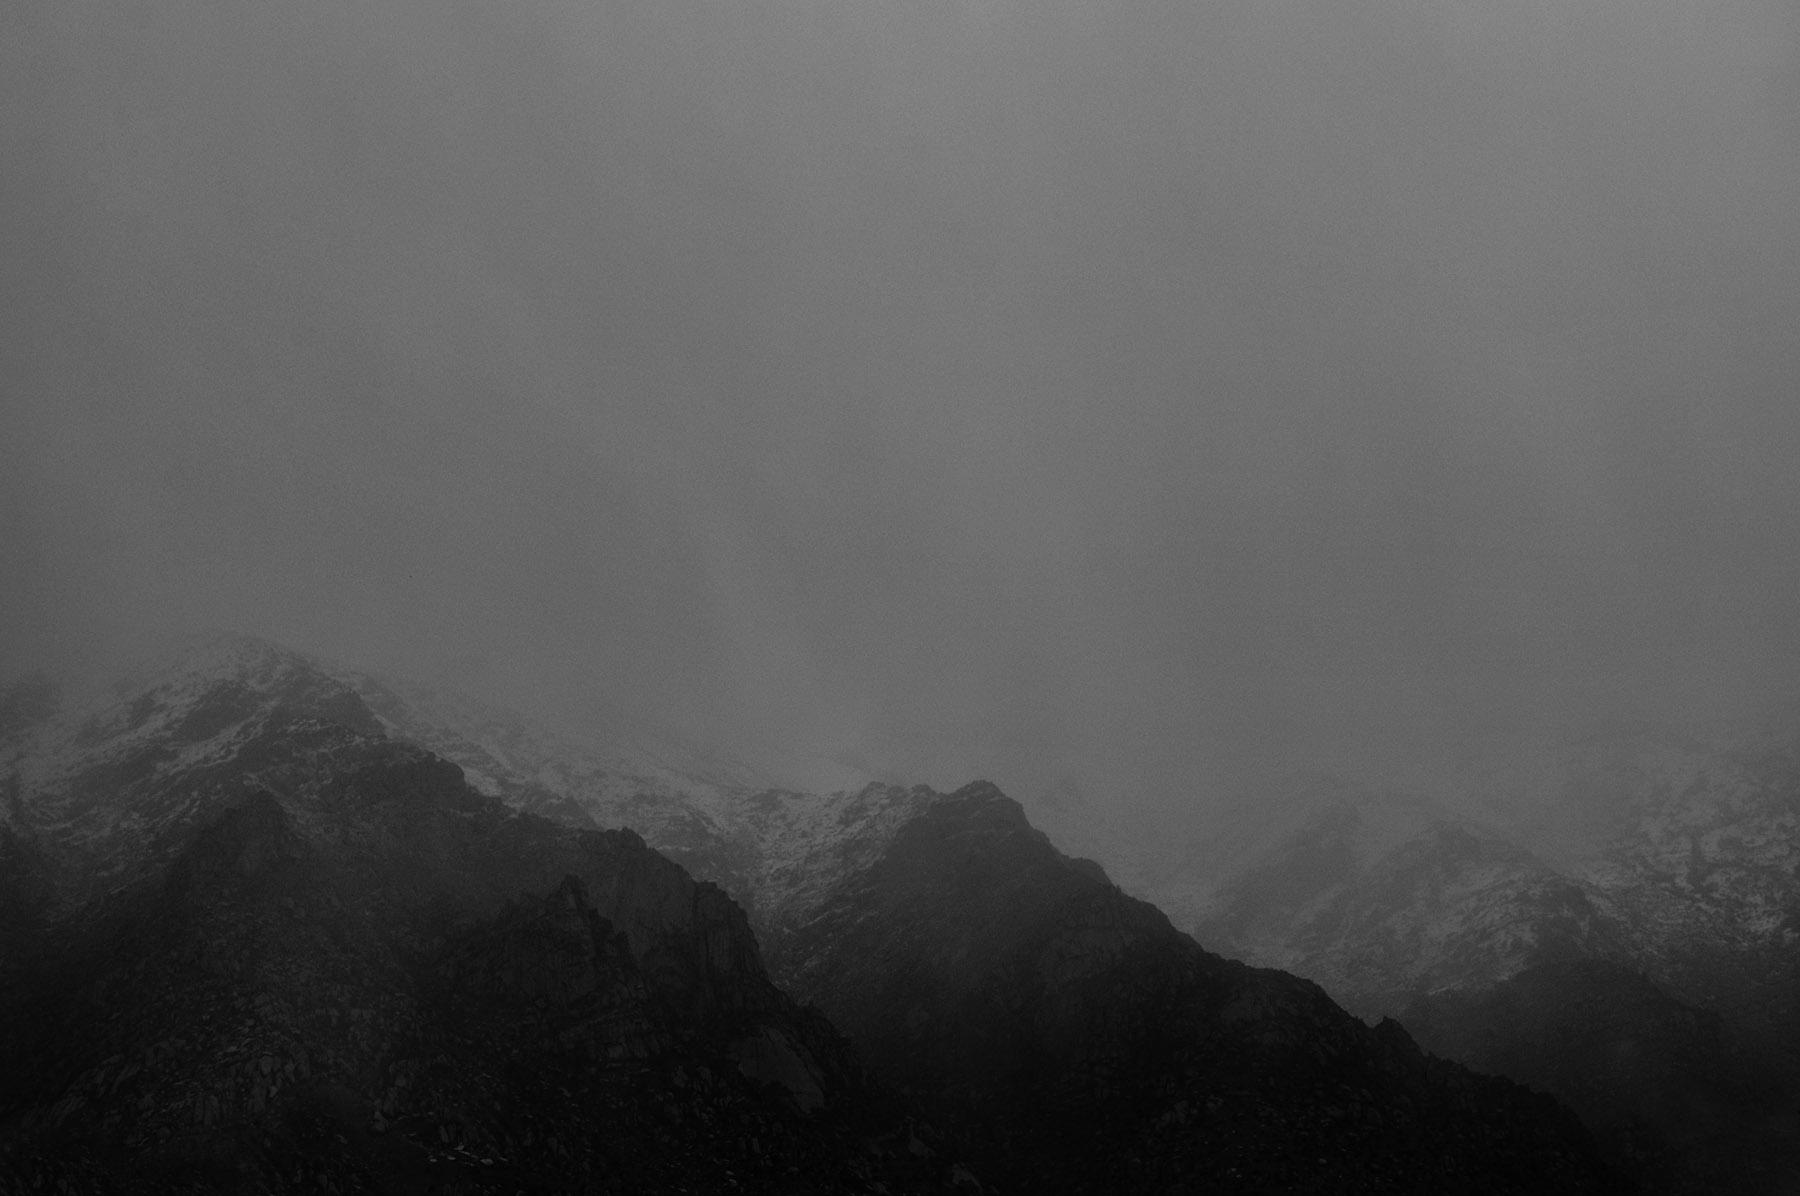 mist-clouds-mountains-tibet.jpg